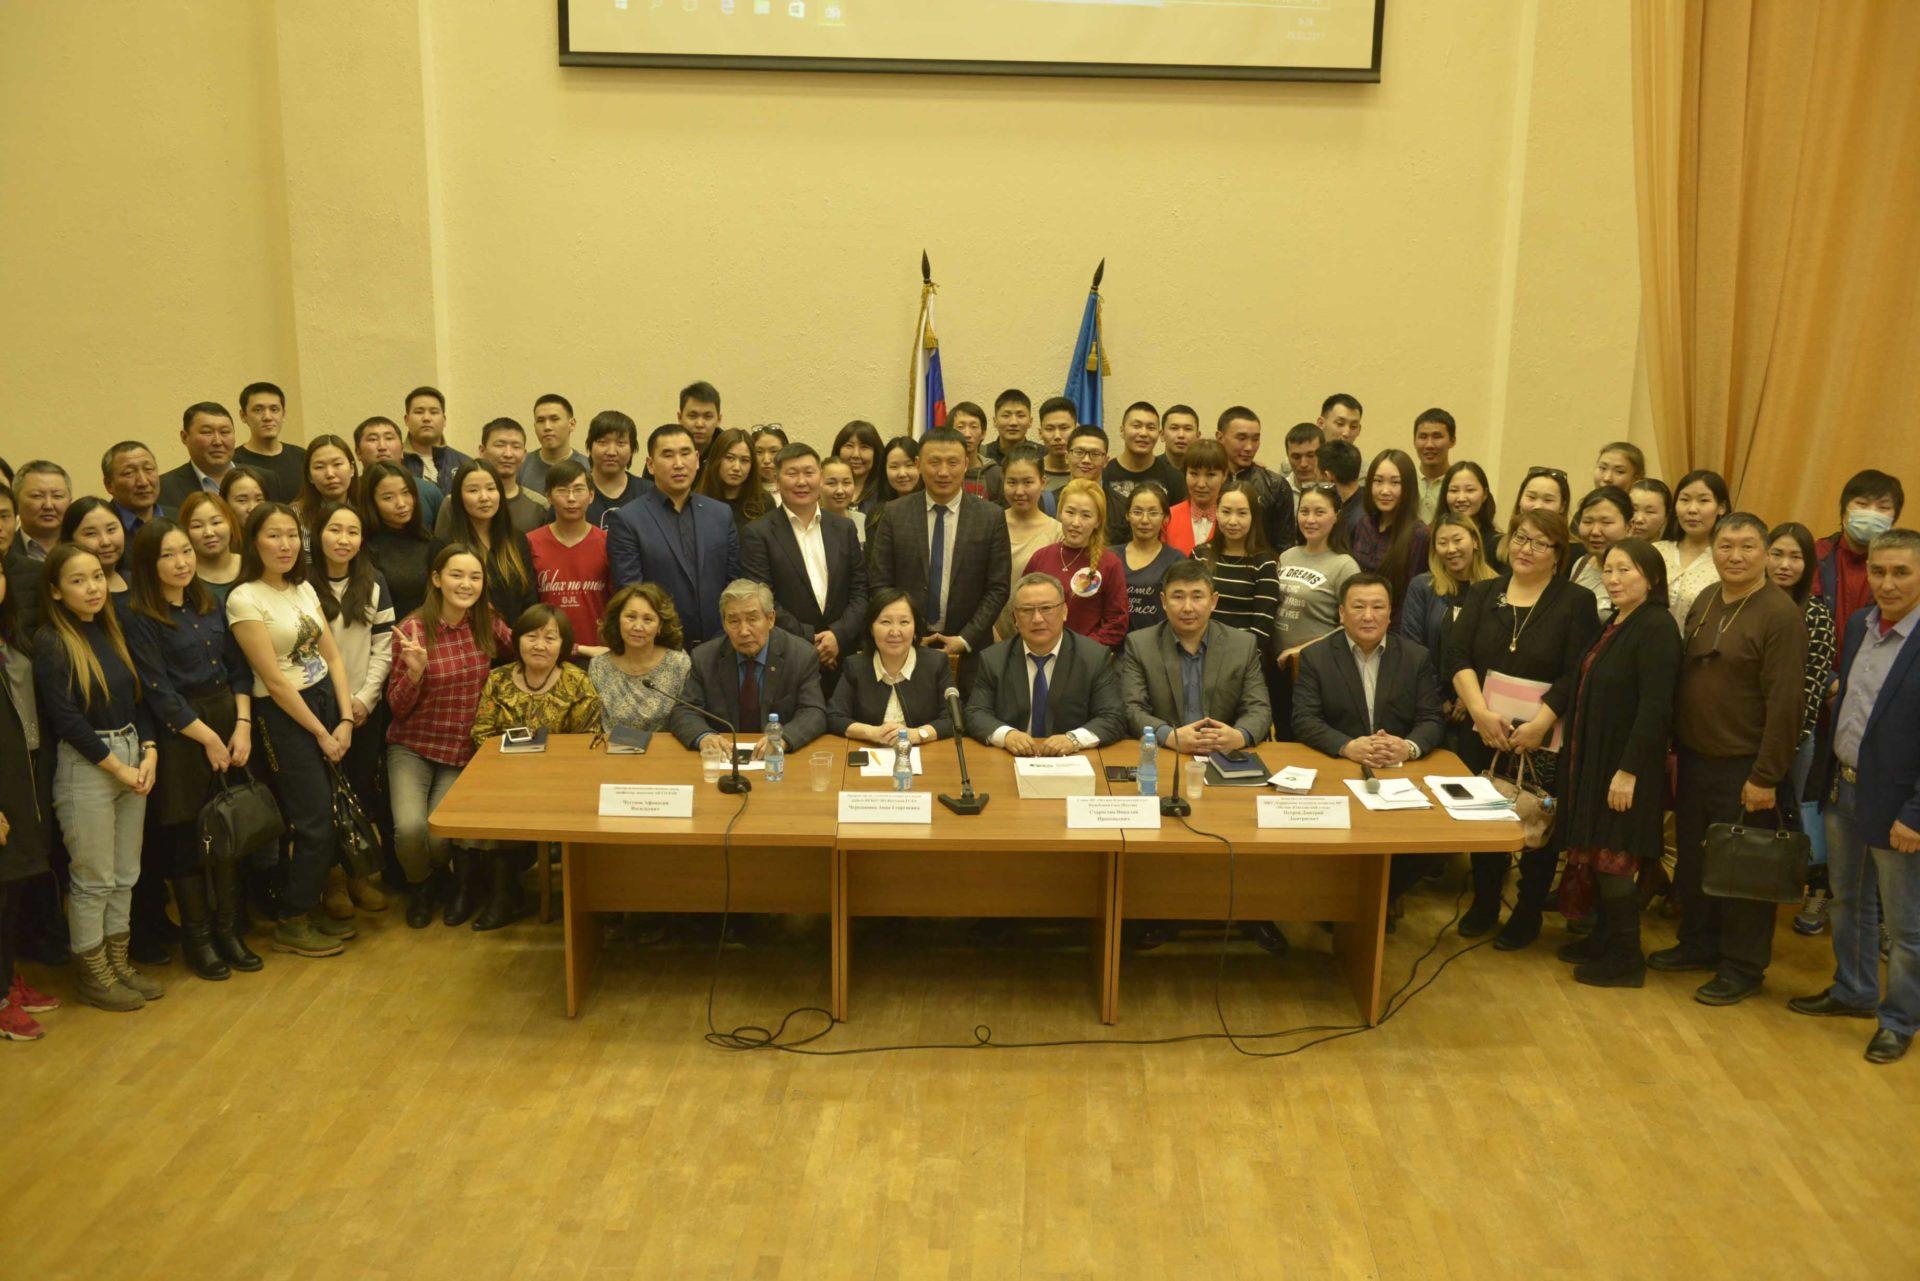 Мегино-Кангаласский улус предложил вакансии для выпускников.